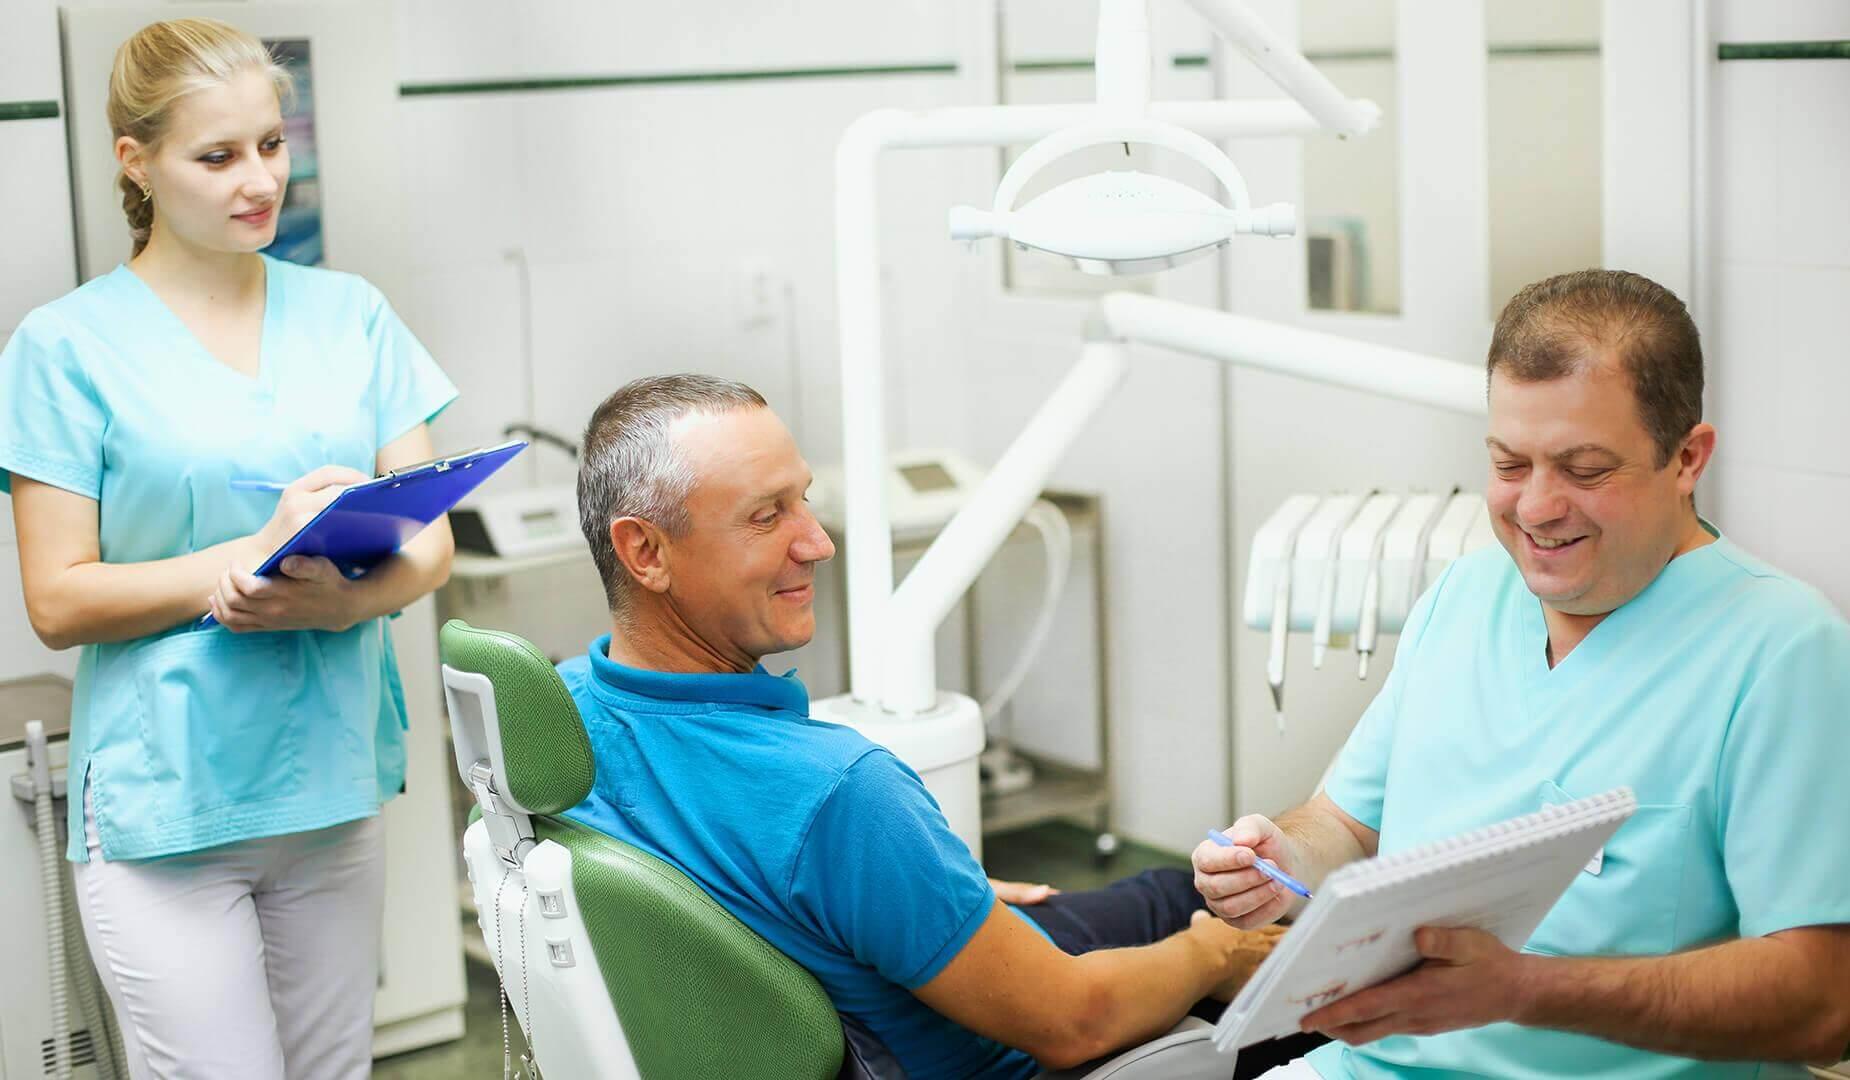 Пациенту рассказывают о гарантии на материалы